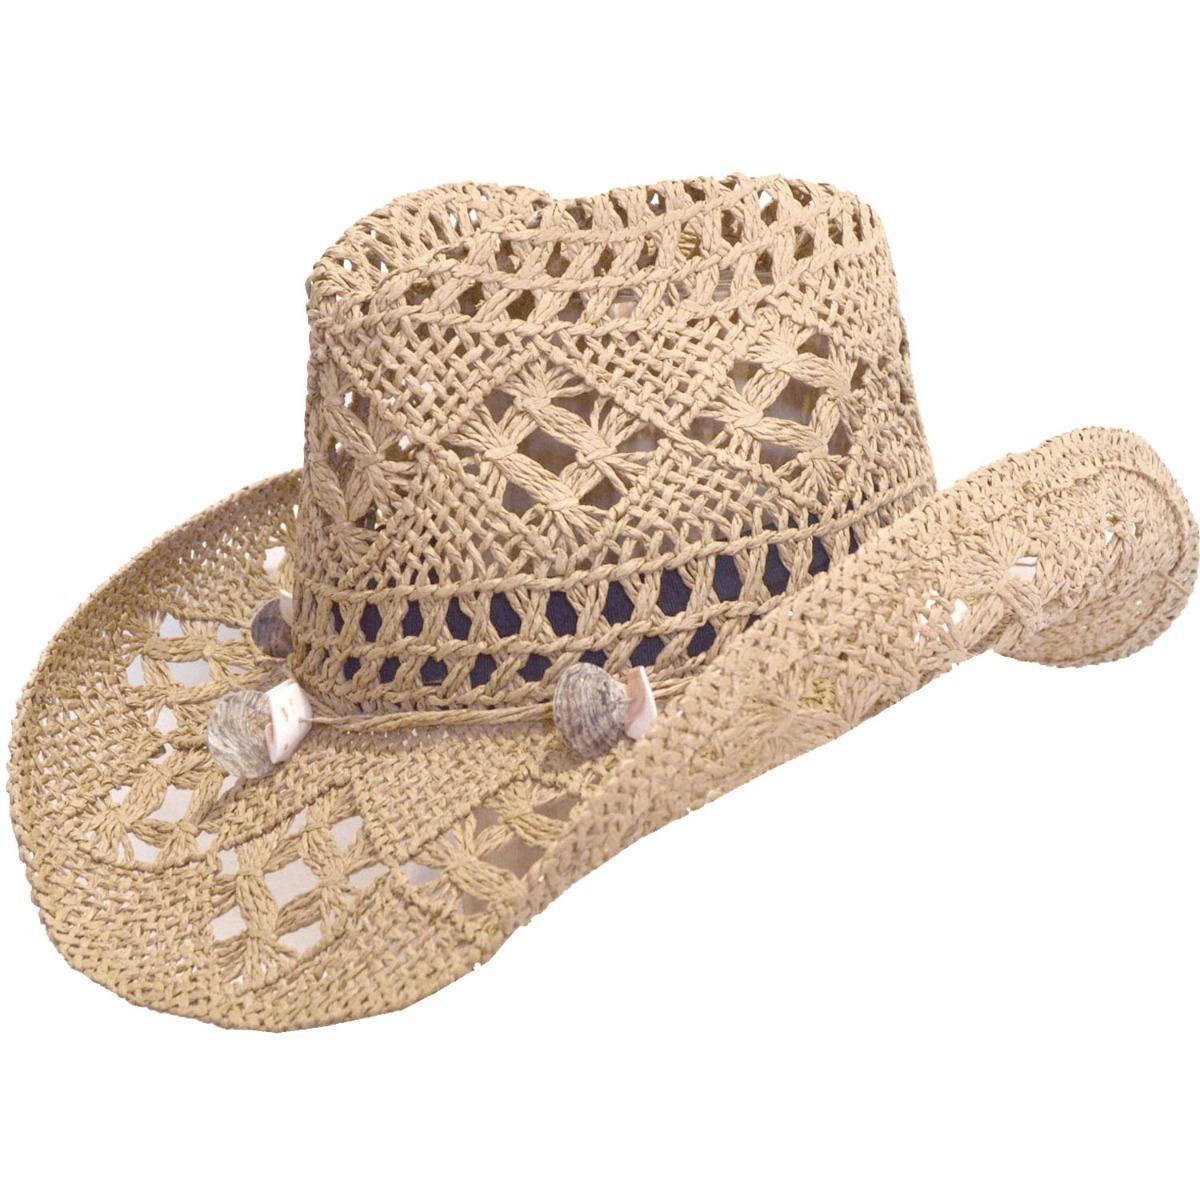 sombrero cowboy veracruz compañia de sombreros m86334329. Cargando zoom. de7abde2991